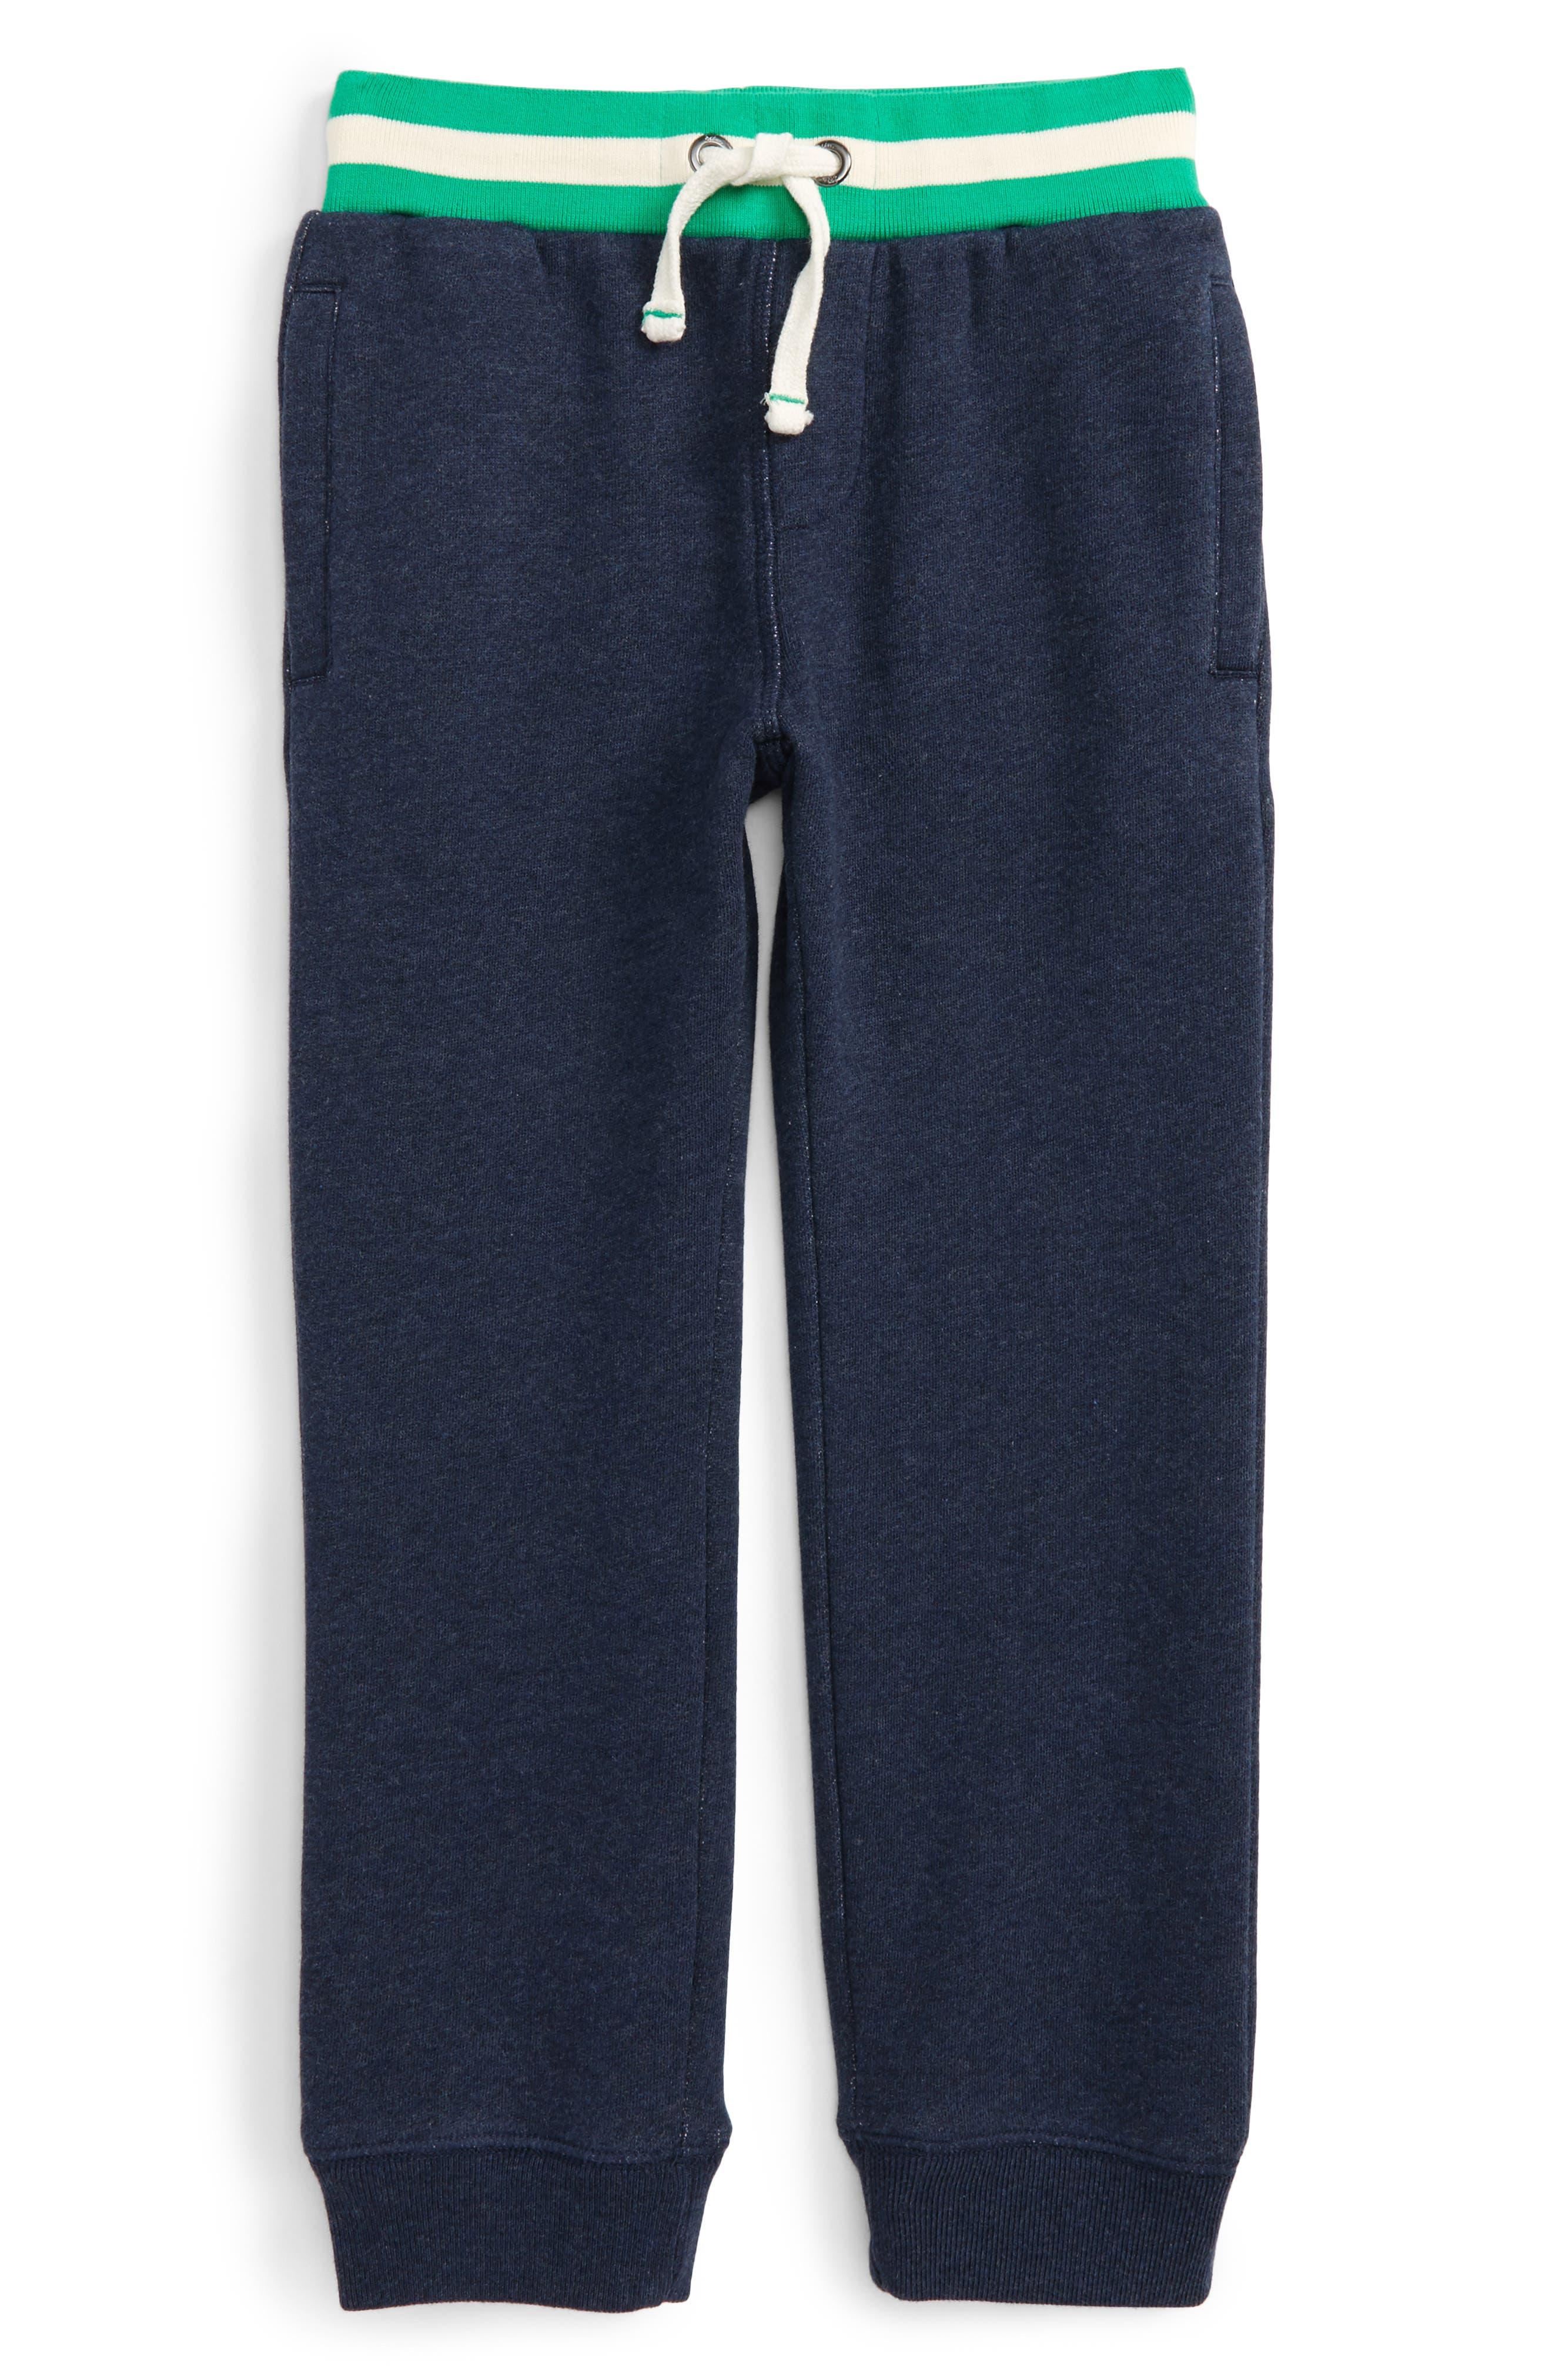 Mini Boden Everyday Jogger Pants (Toddler Boys, Little Boys & Big Boys)